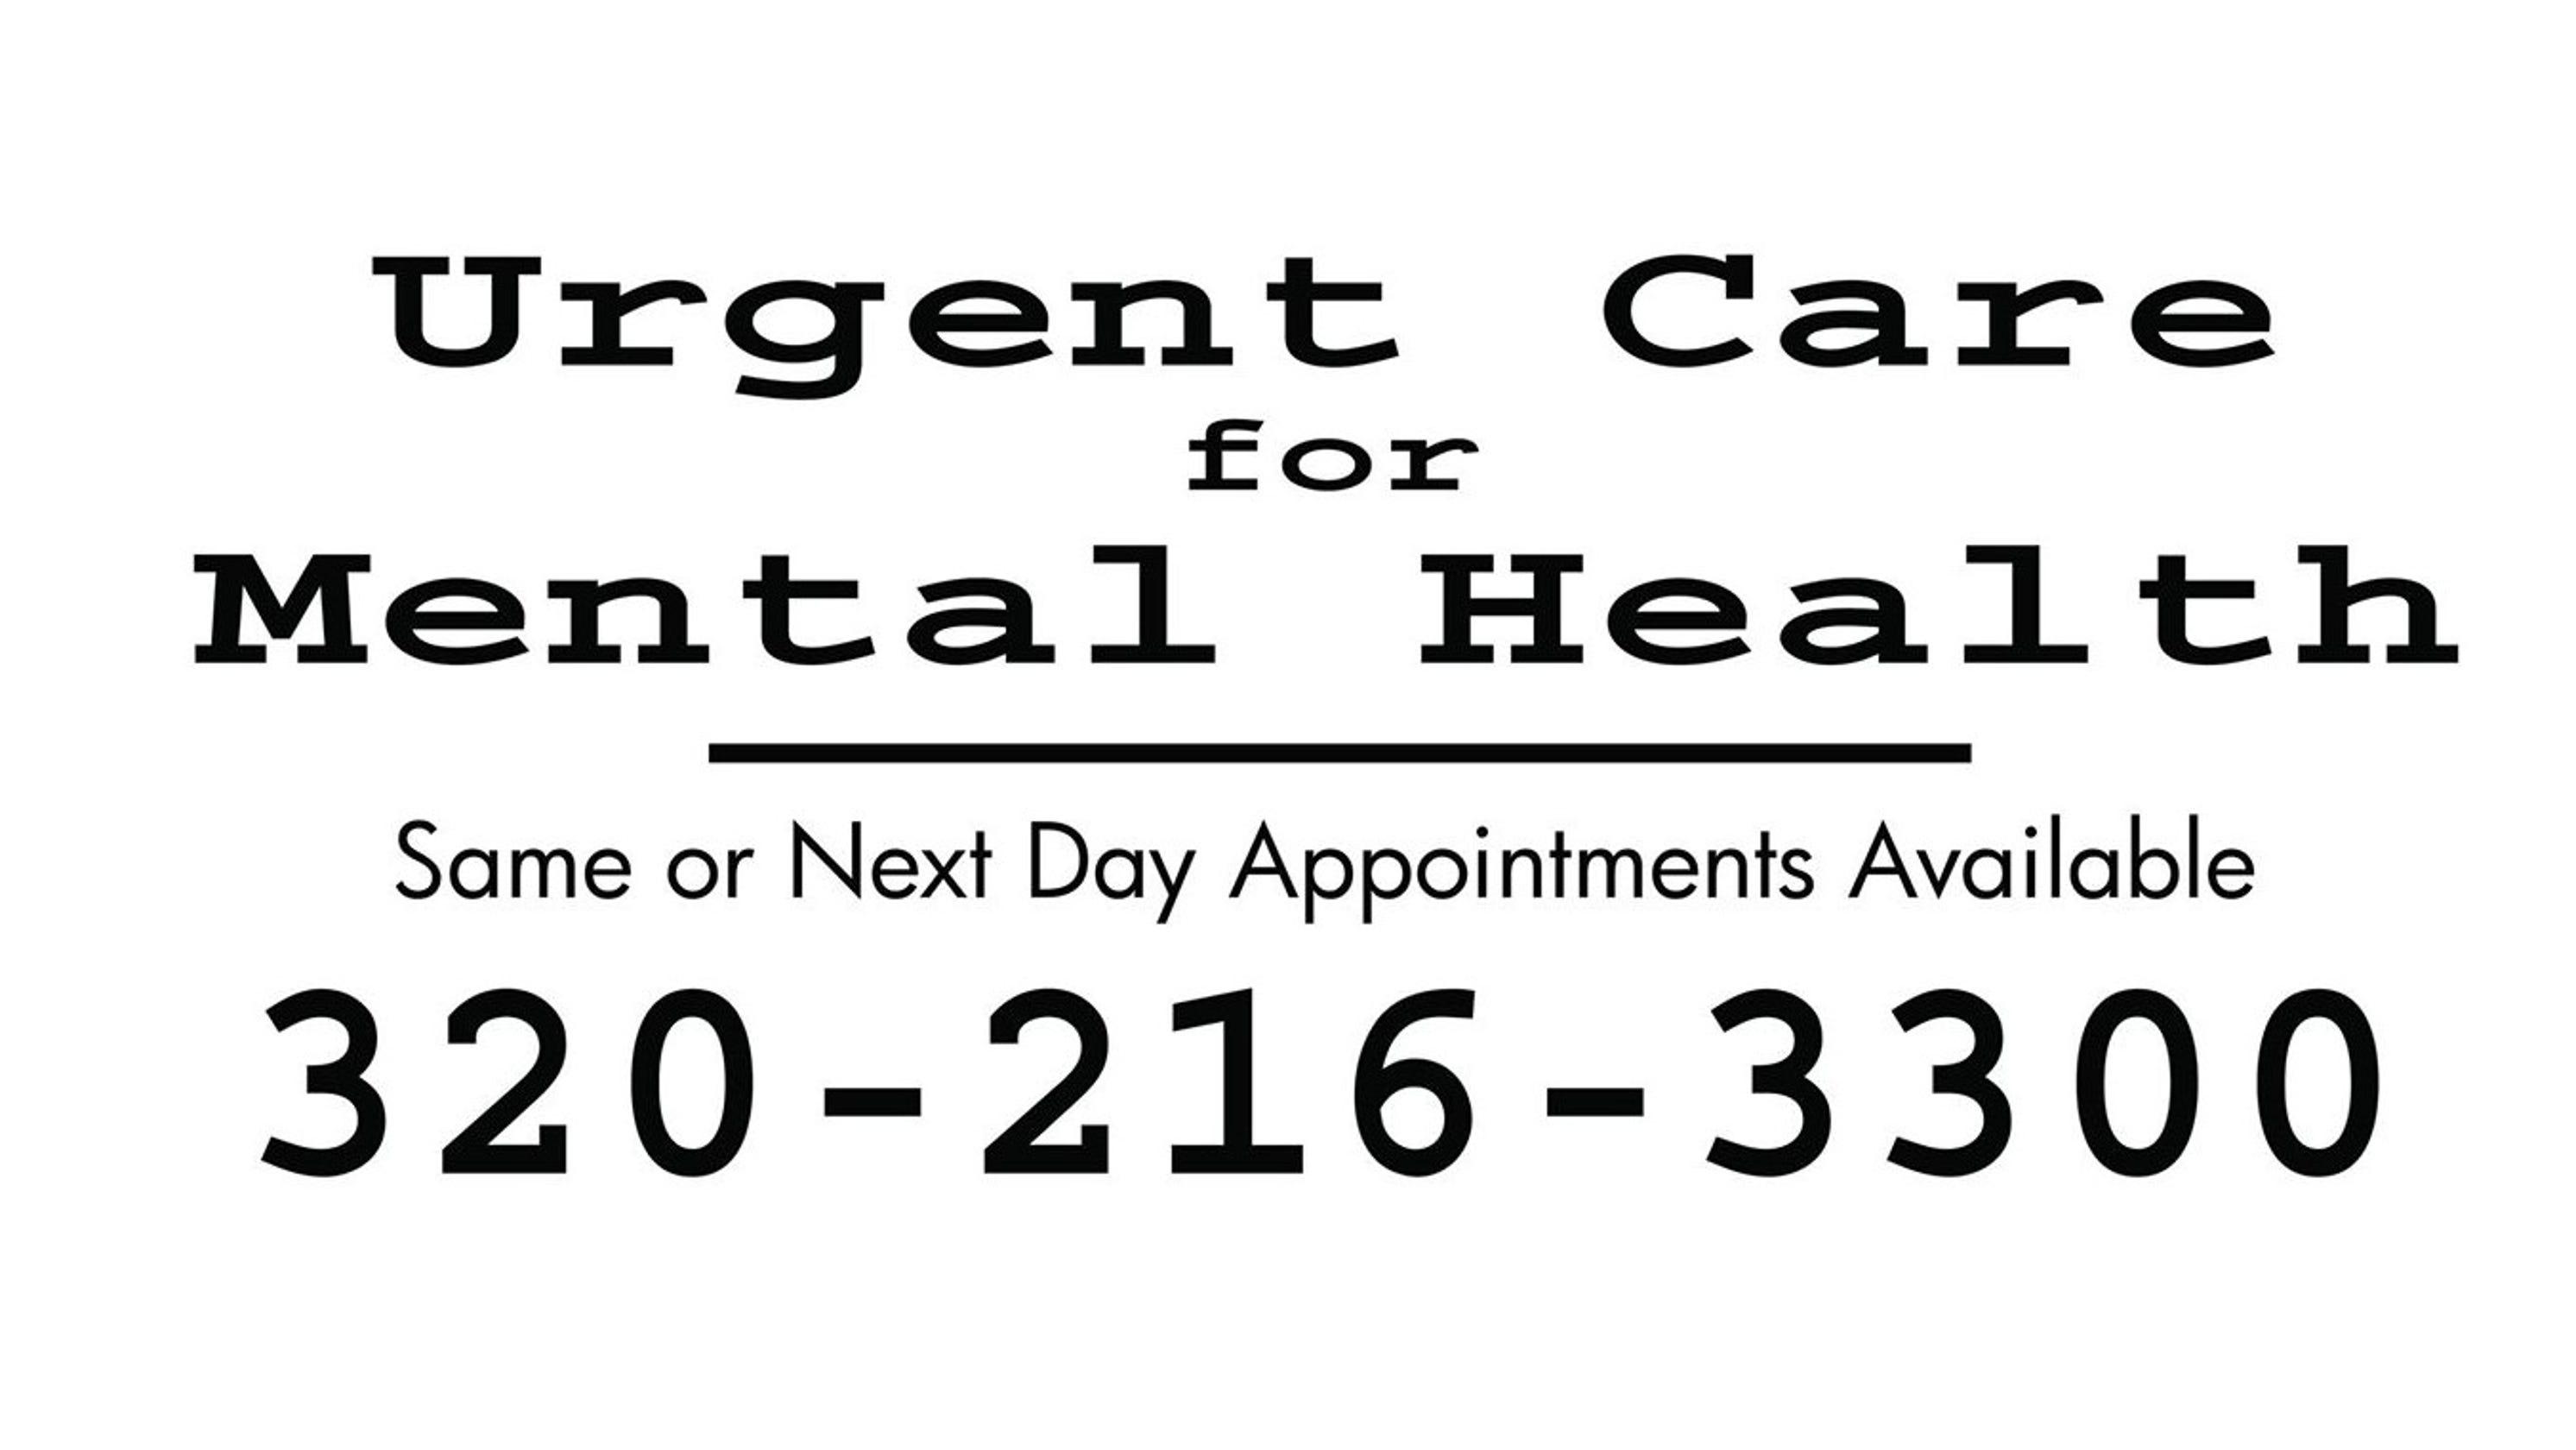 St. Cloud non-profit provides mental health urgent care